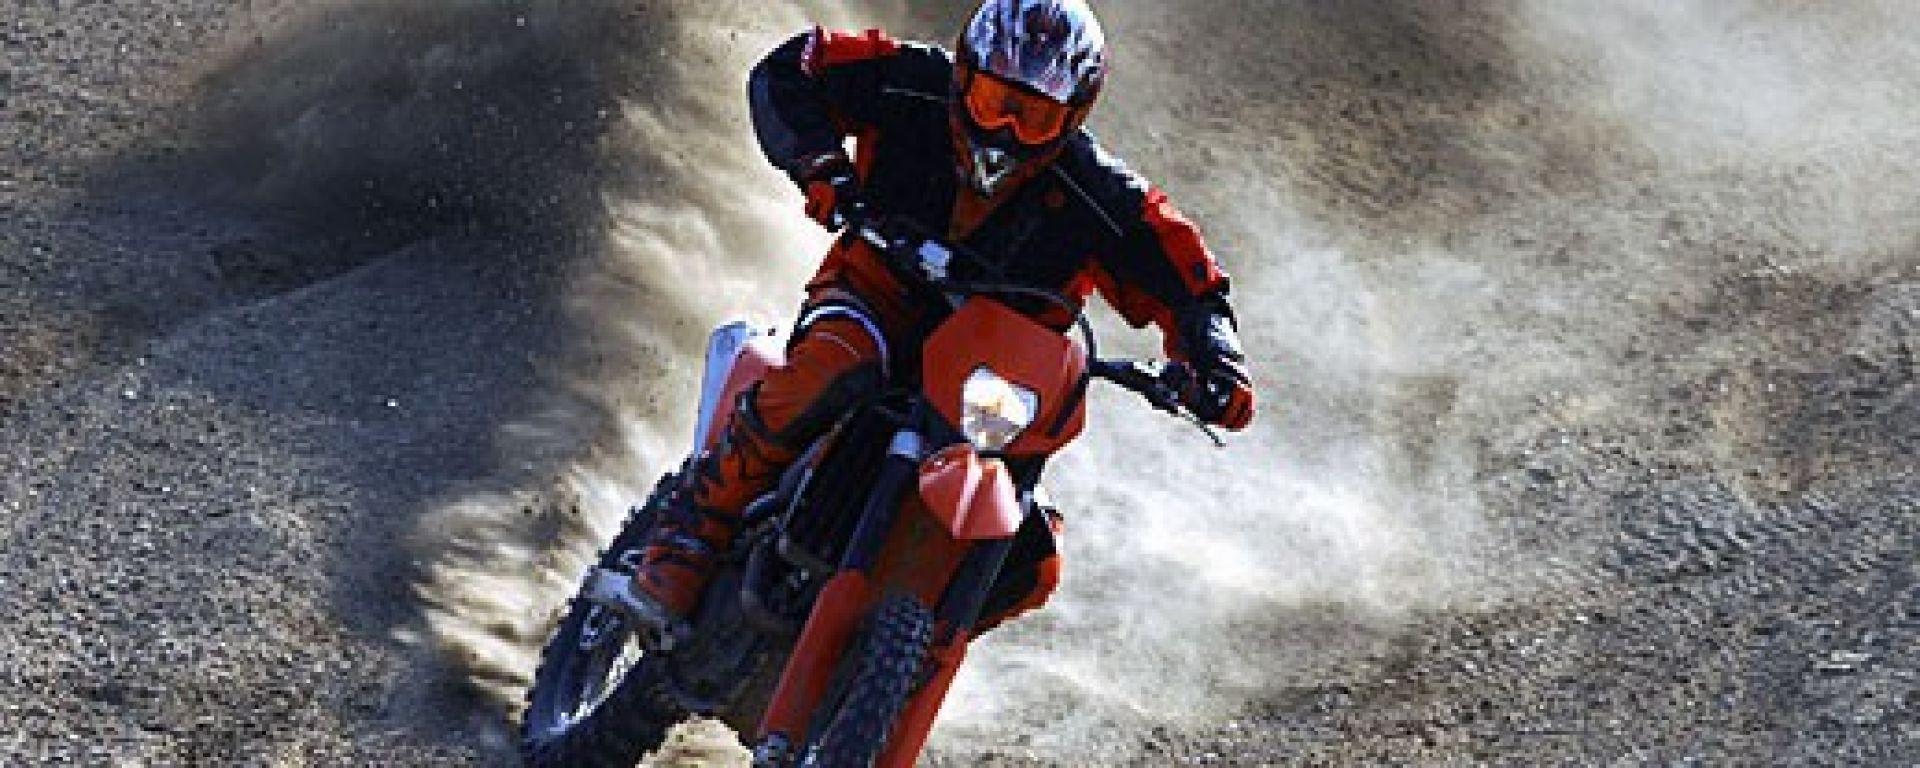 KTM Off Road 2008